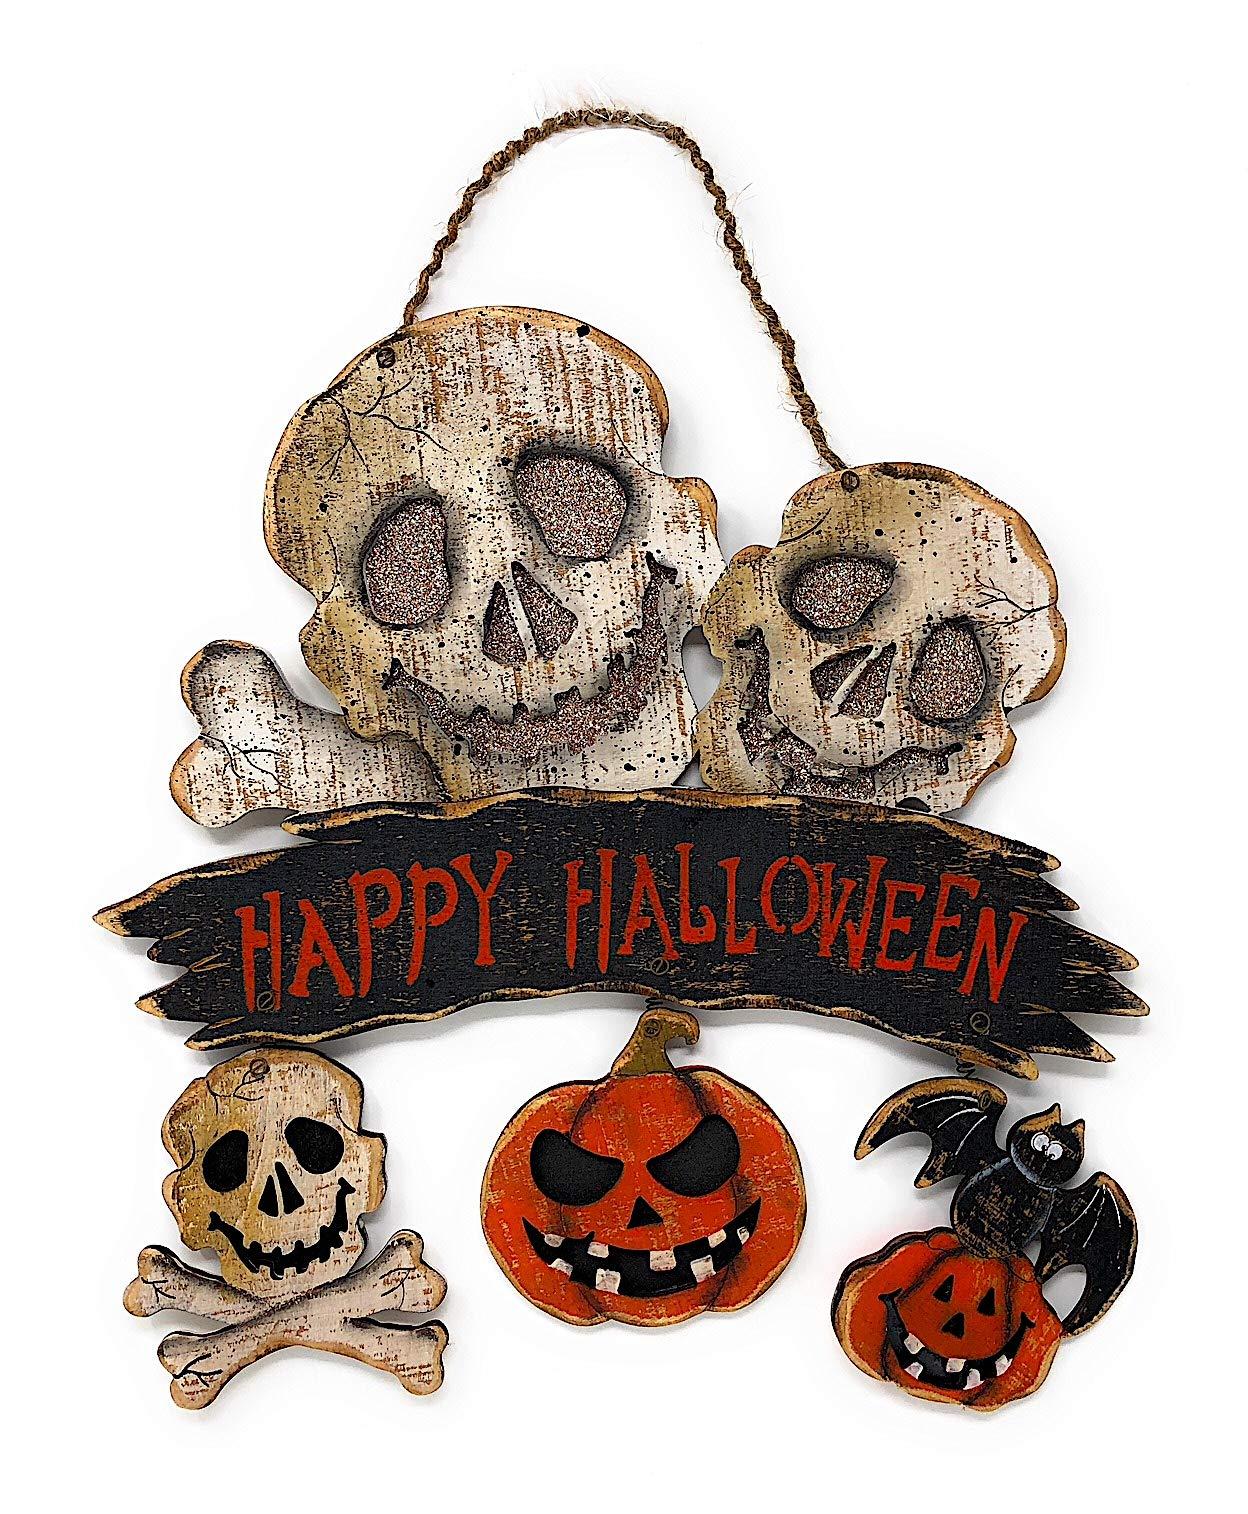 Transpac Halloween Halloween Decoration Wall Front Door Wreath Hanging Wood Decor Indoor Outdoor 12'' x 16'' (Skulls)